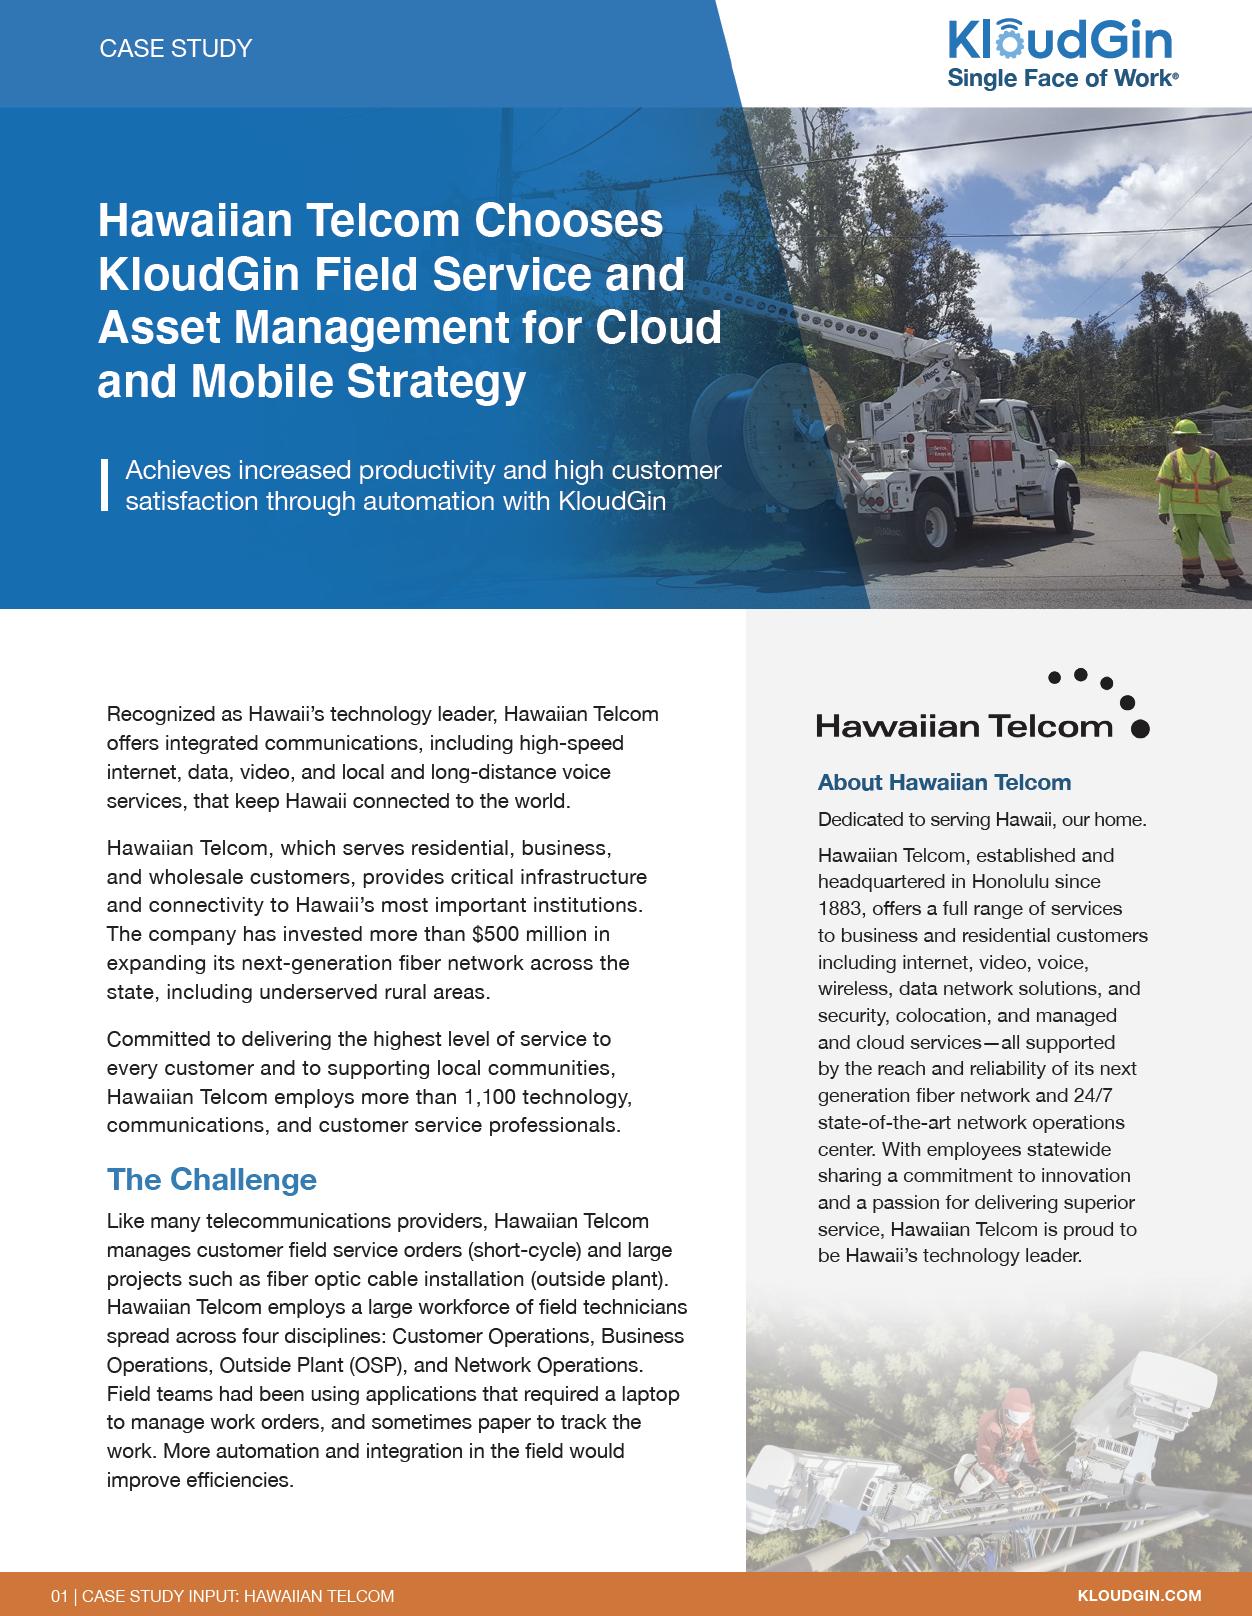 hawaiian-telecom-img